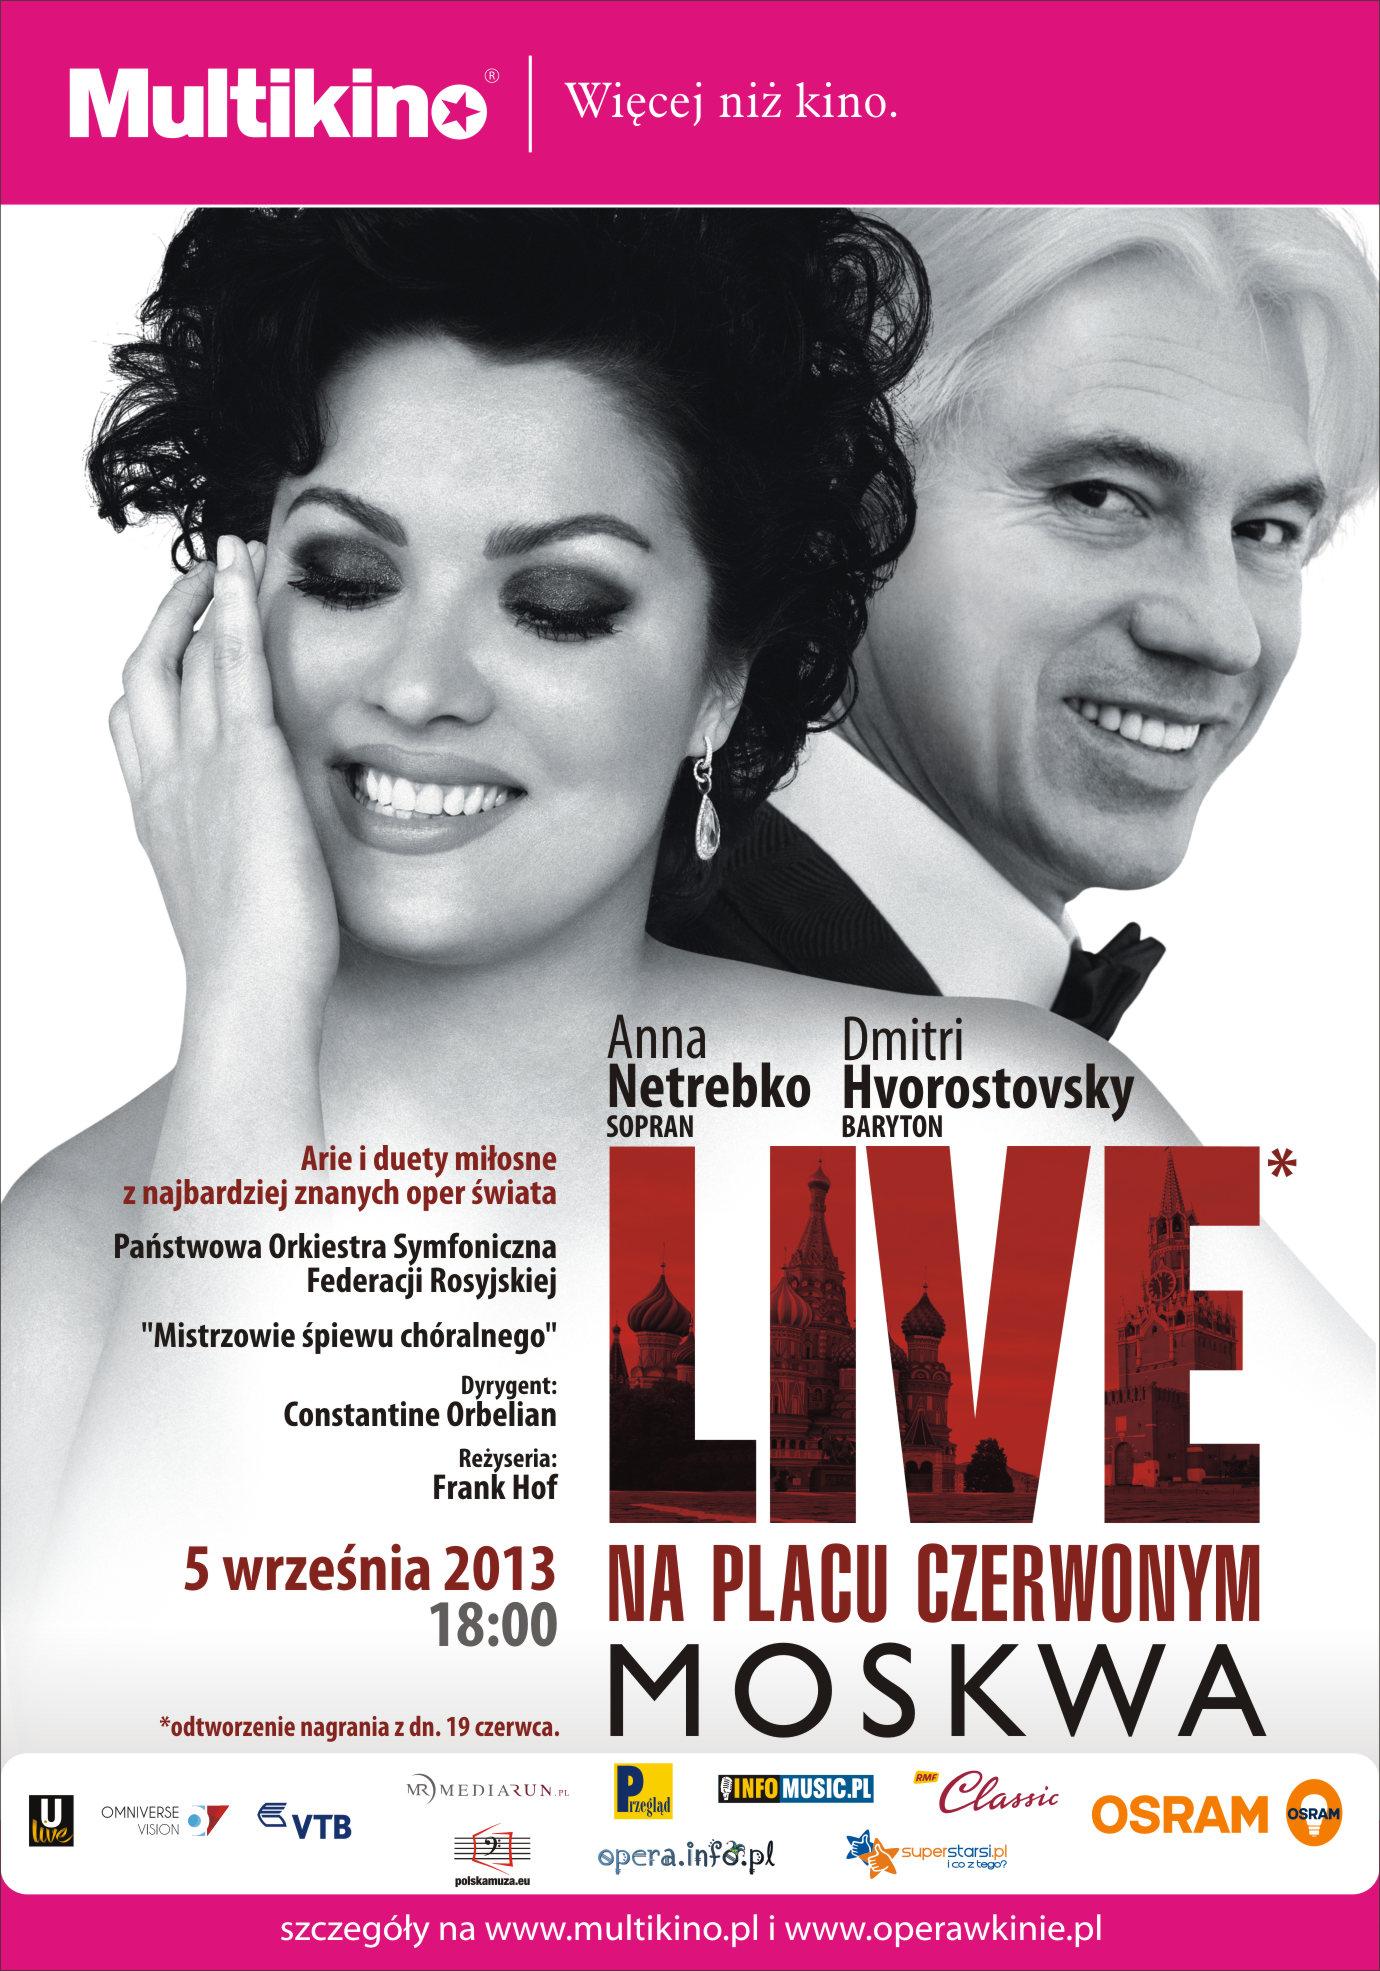 Opera w Multikinie już 5 września